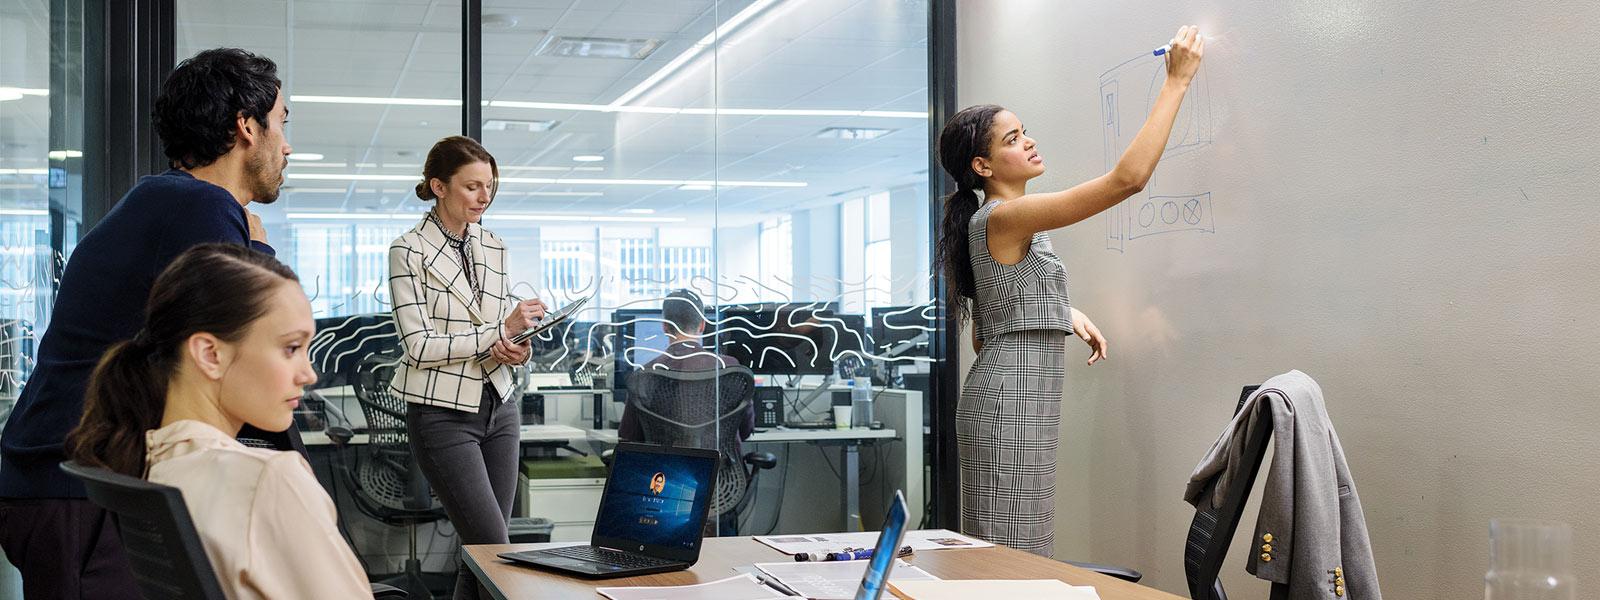 Vrouw die op whiteboard schrijft terwijl anderen apparaten bekijken